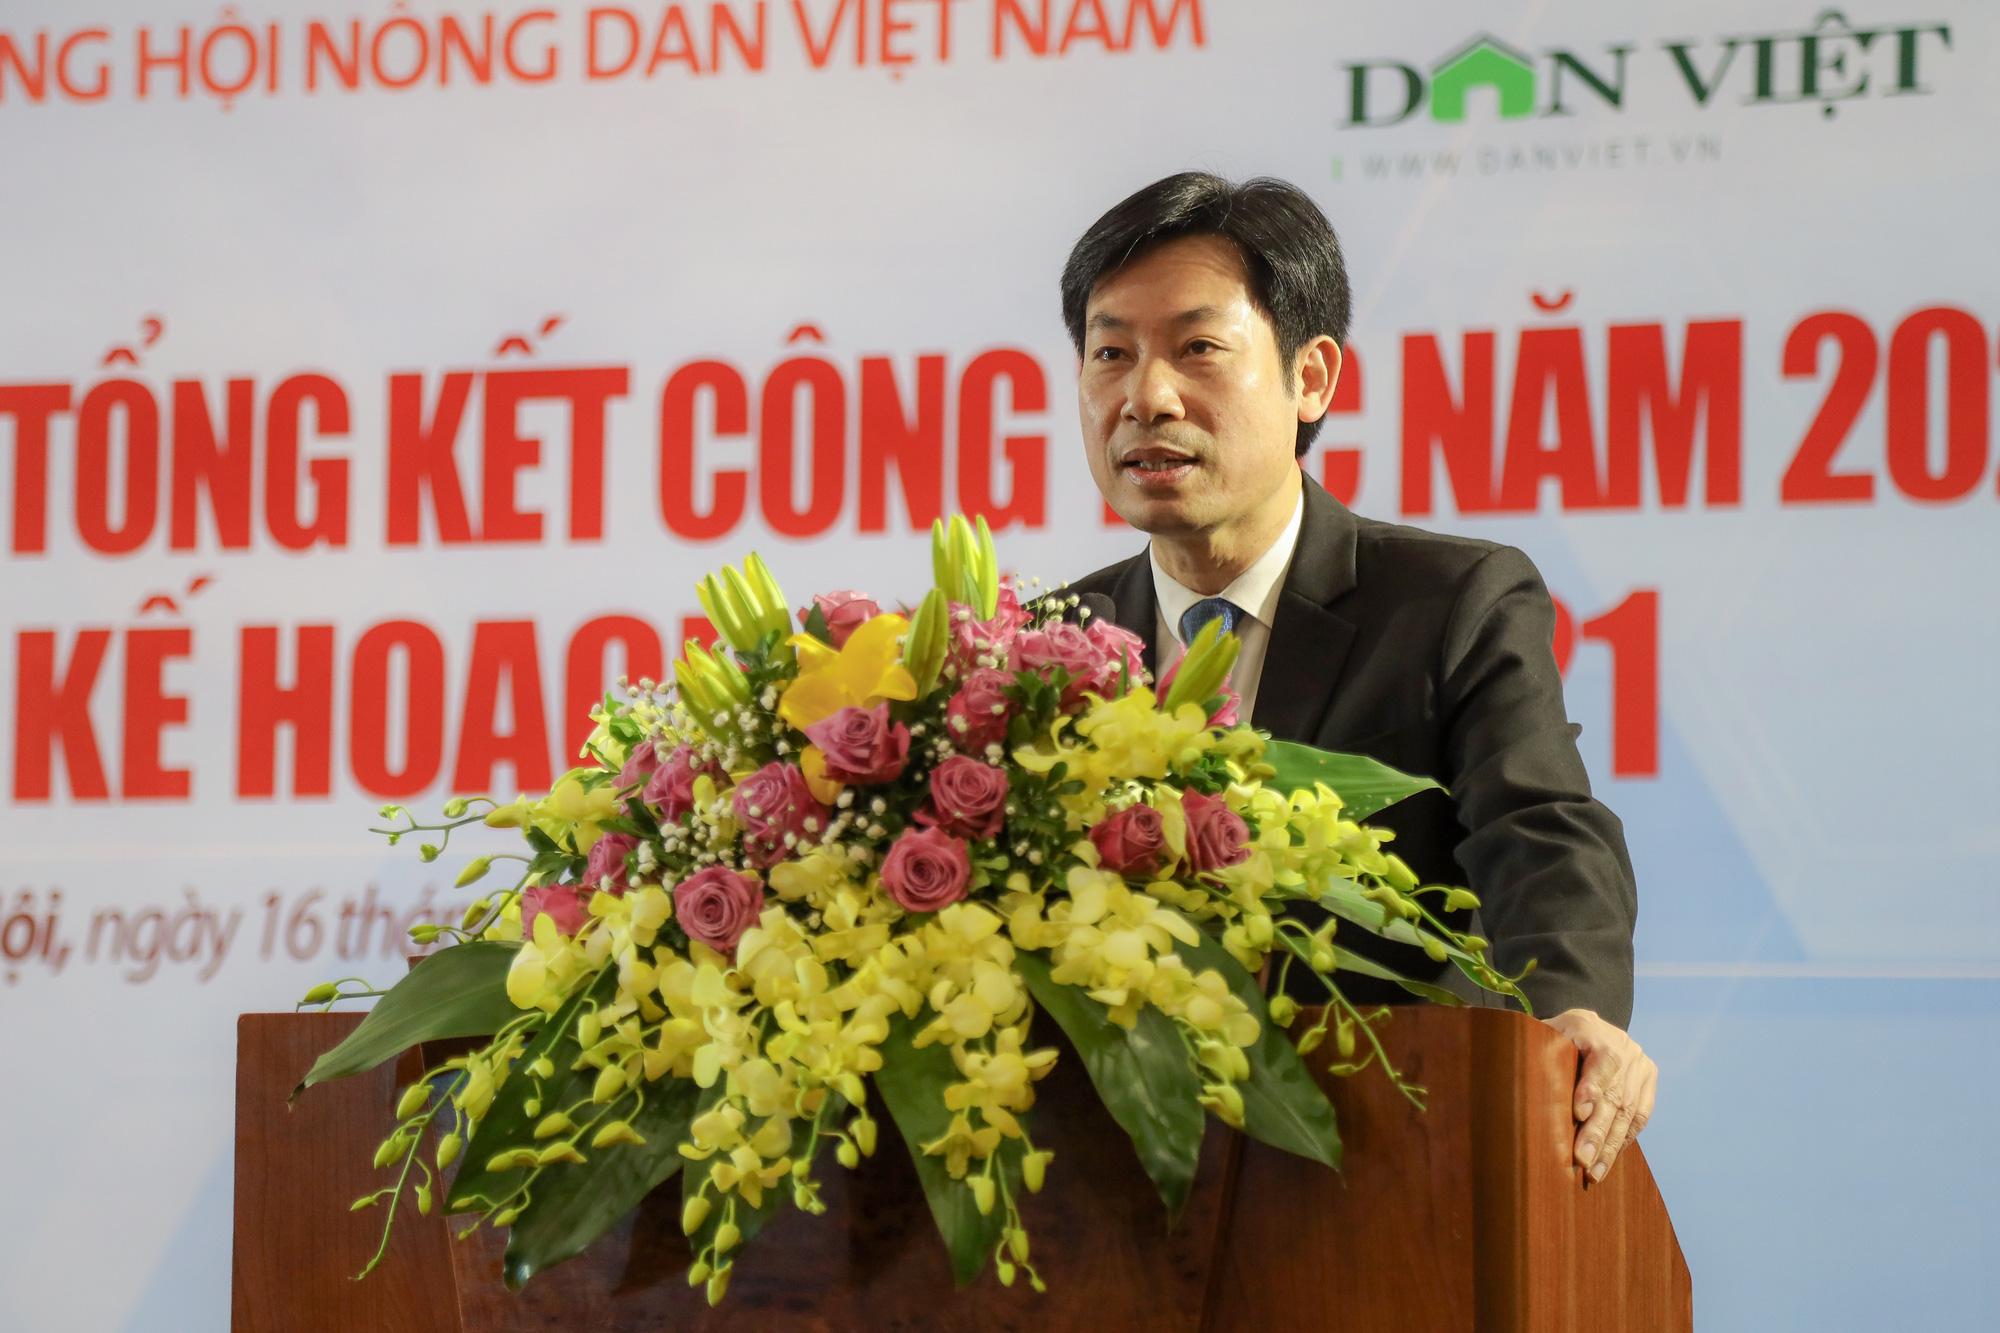 Phó Chủ tịch T.Ư Hội NDVN: Báo NTNN sát cánh, đồng hành cùng nông dân trên mọi nẻo đường - Ảnh 1.